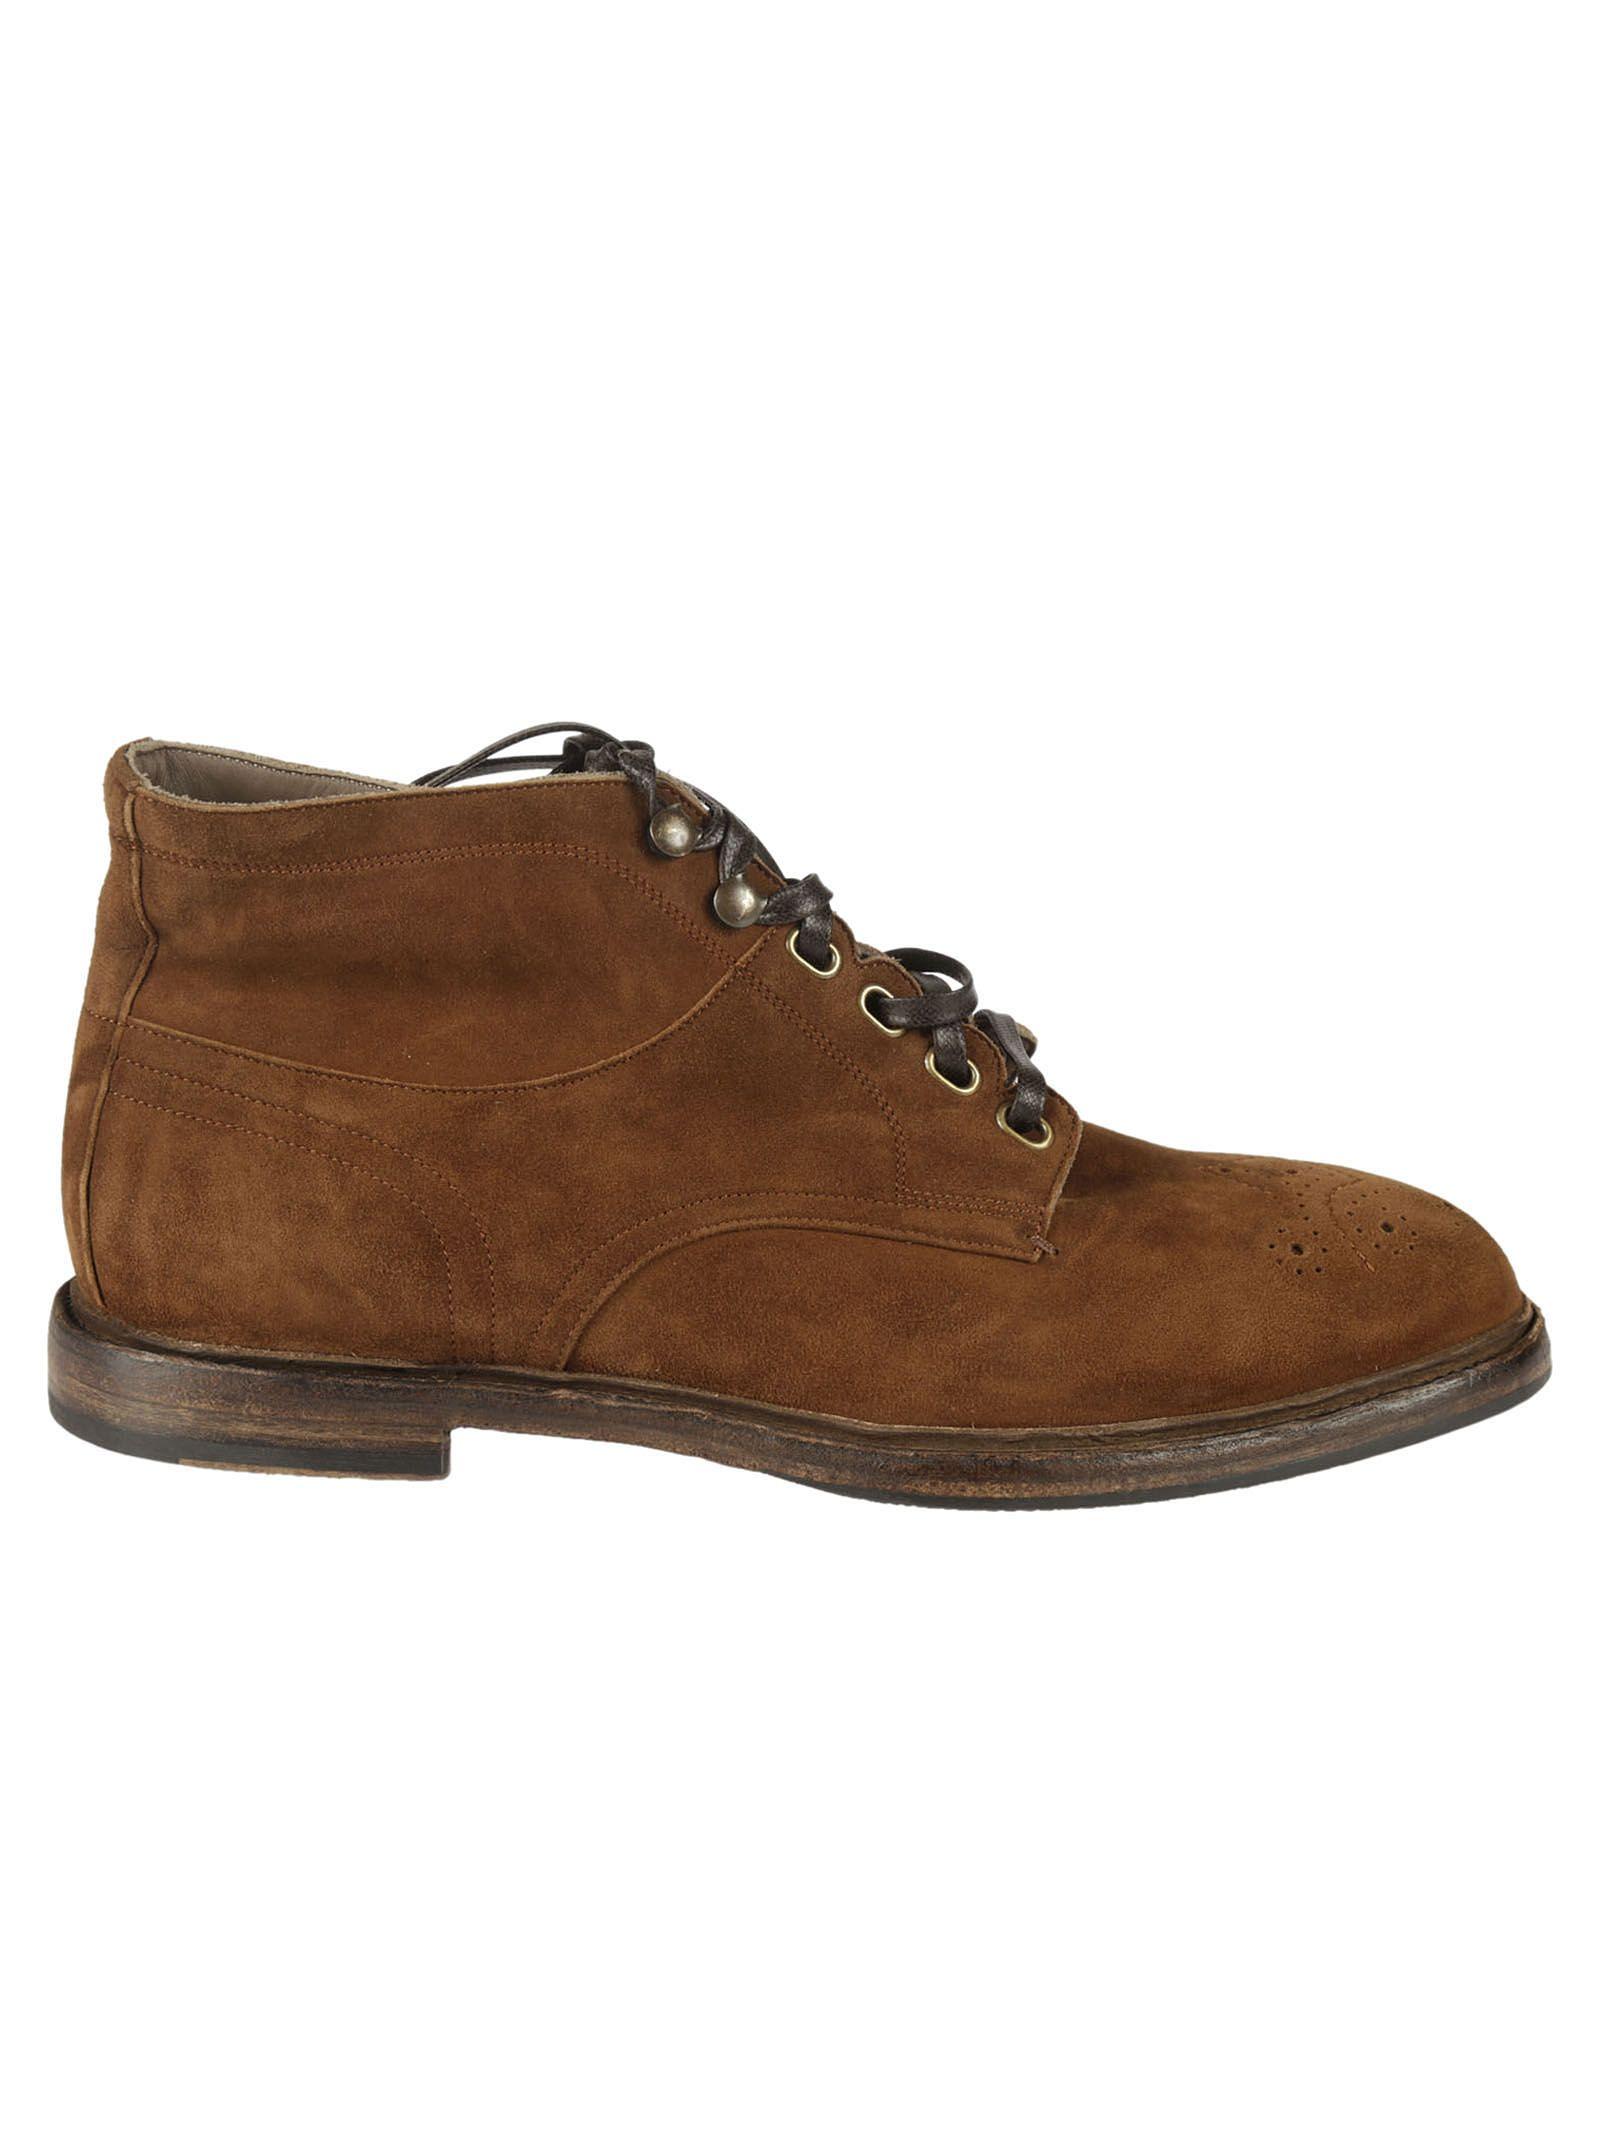 Dolce & Gabbana TM Boots